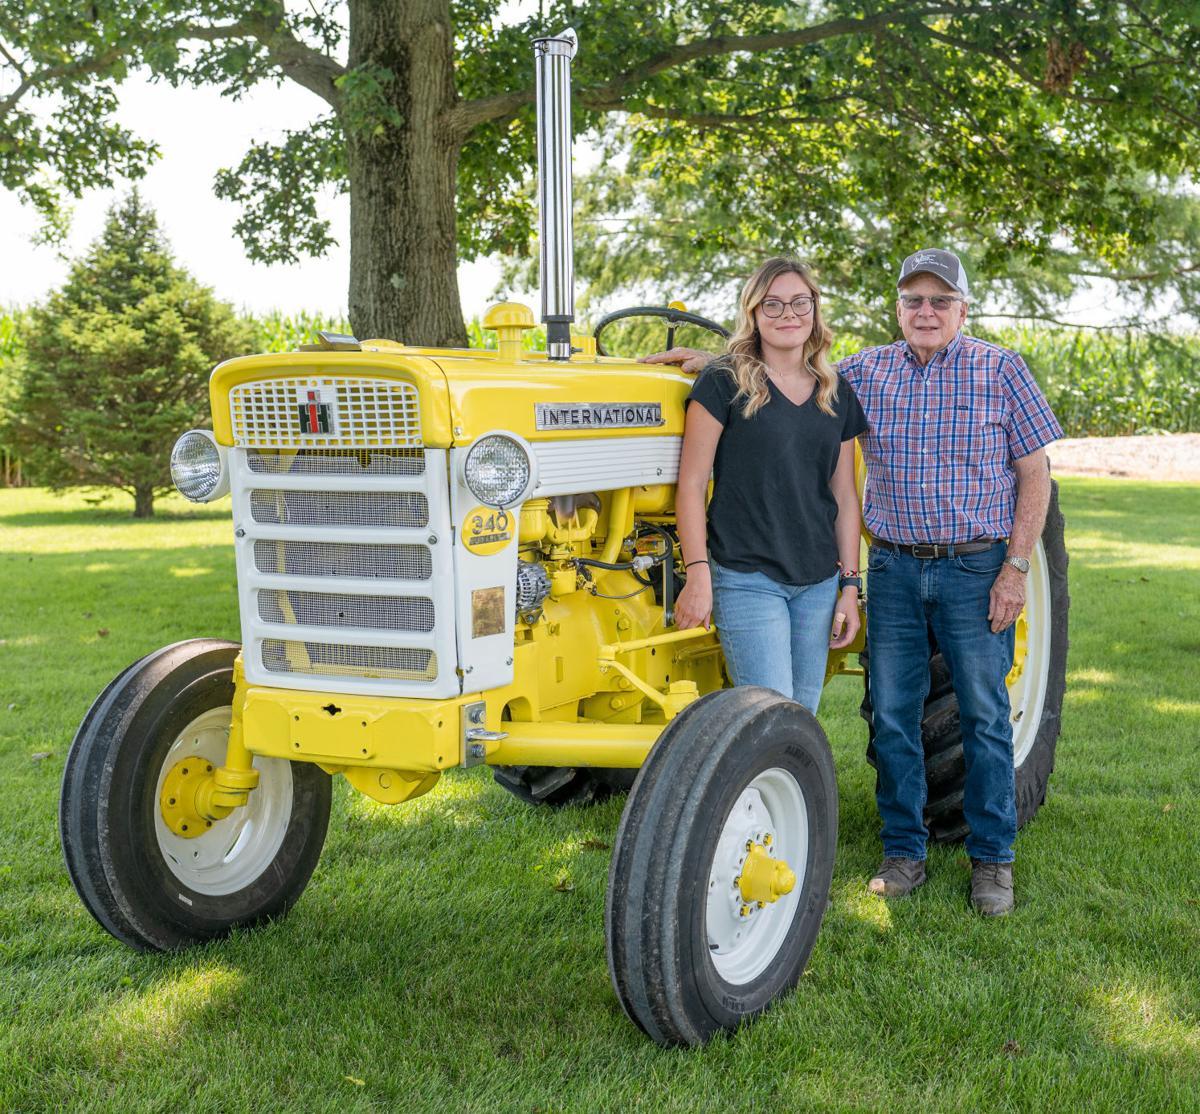 072921-brock-tractor-1.jpg